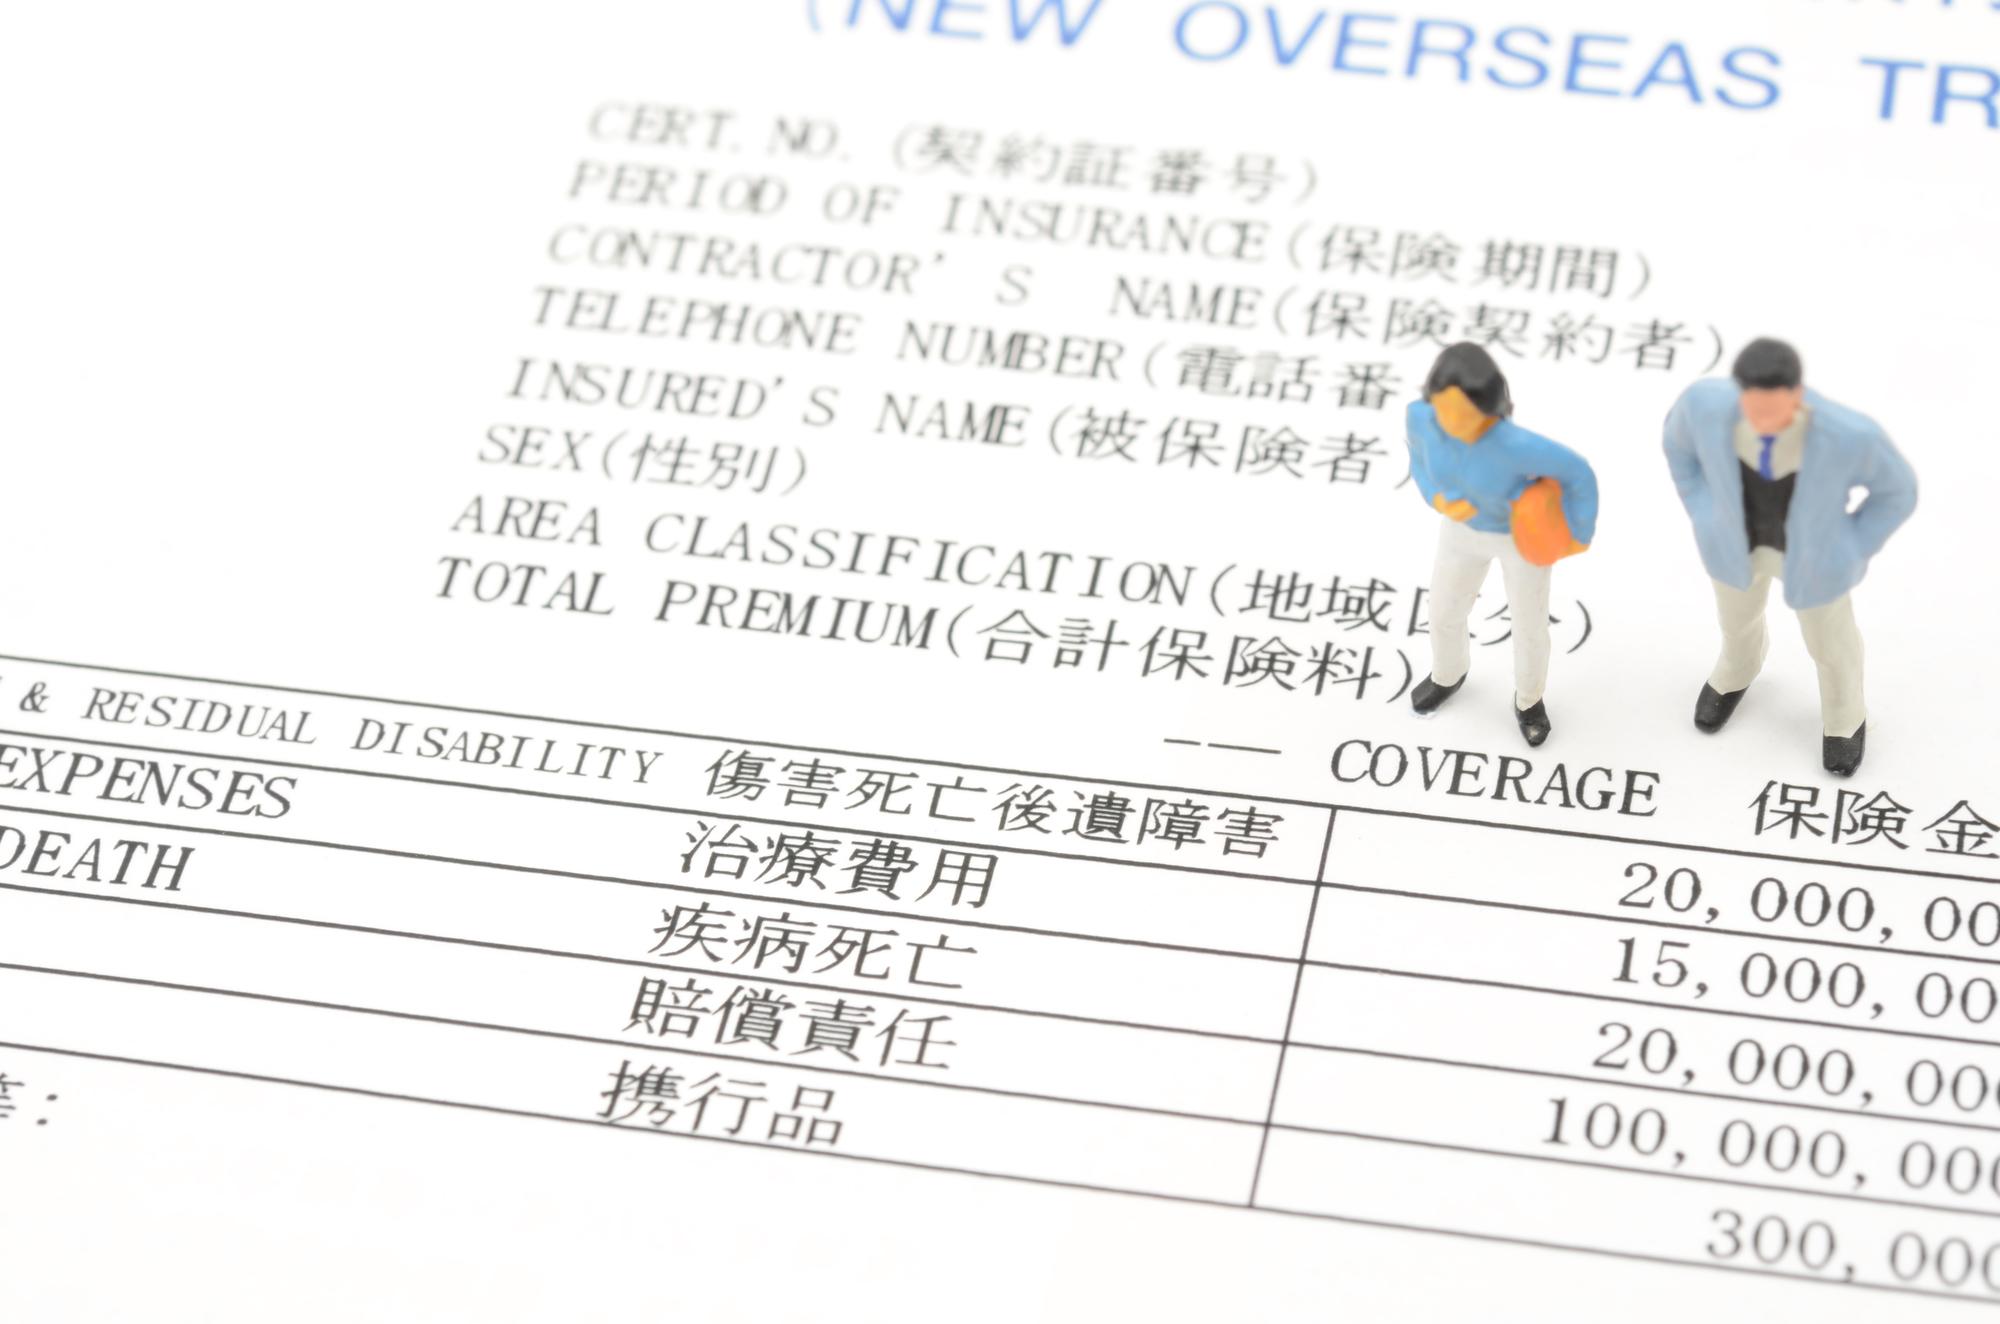 タヒチ、海外旅行保険